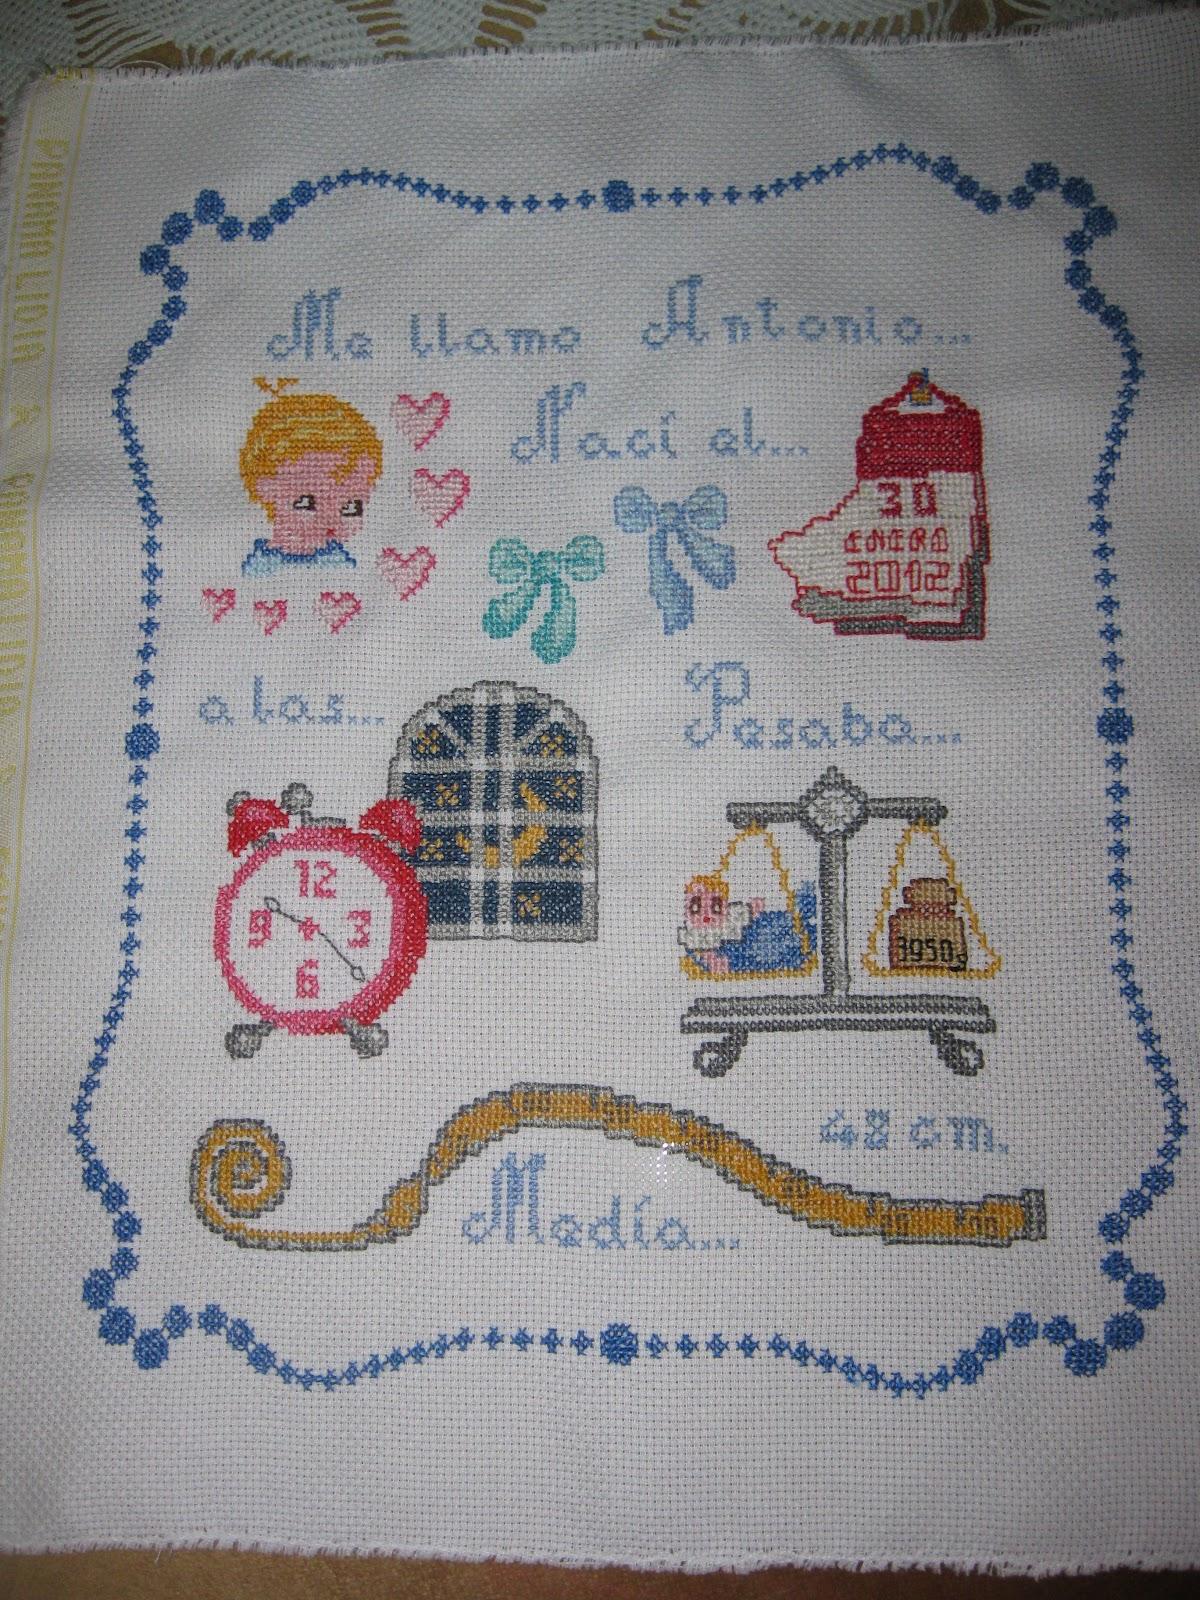 Encantador Patrones De Punto Bebé Pinterest Friso - Manta de Tejer ...